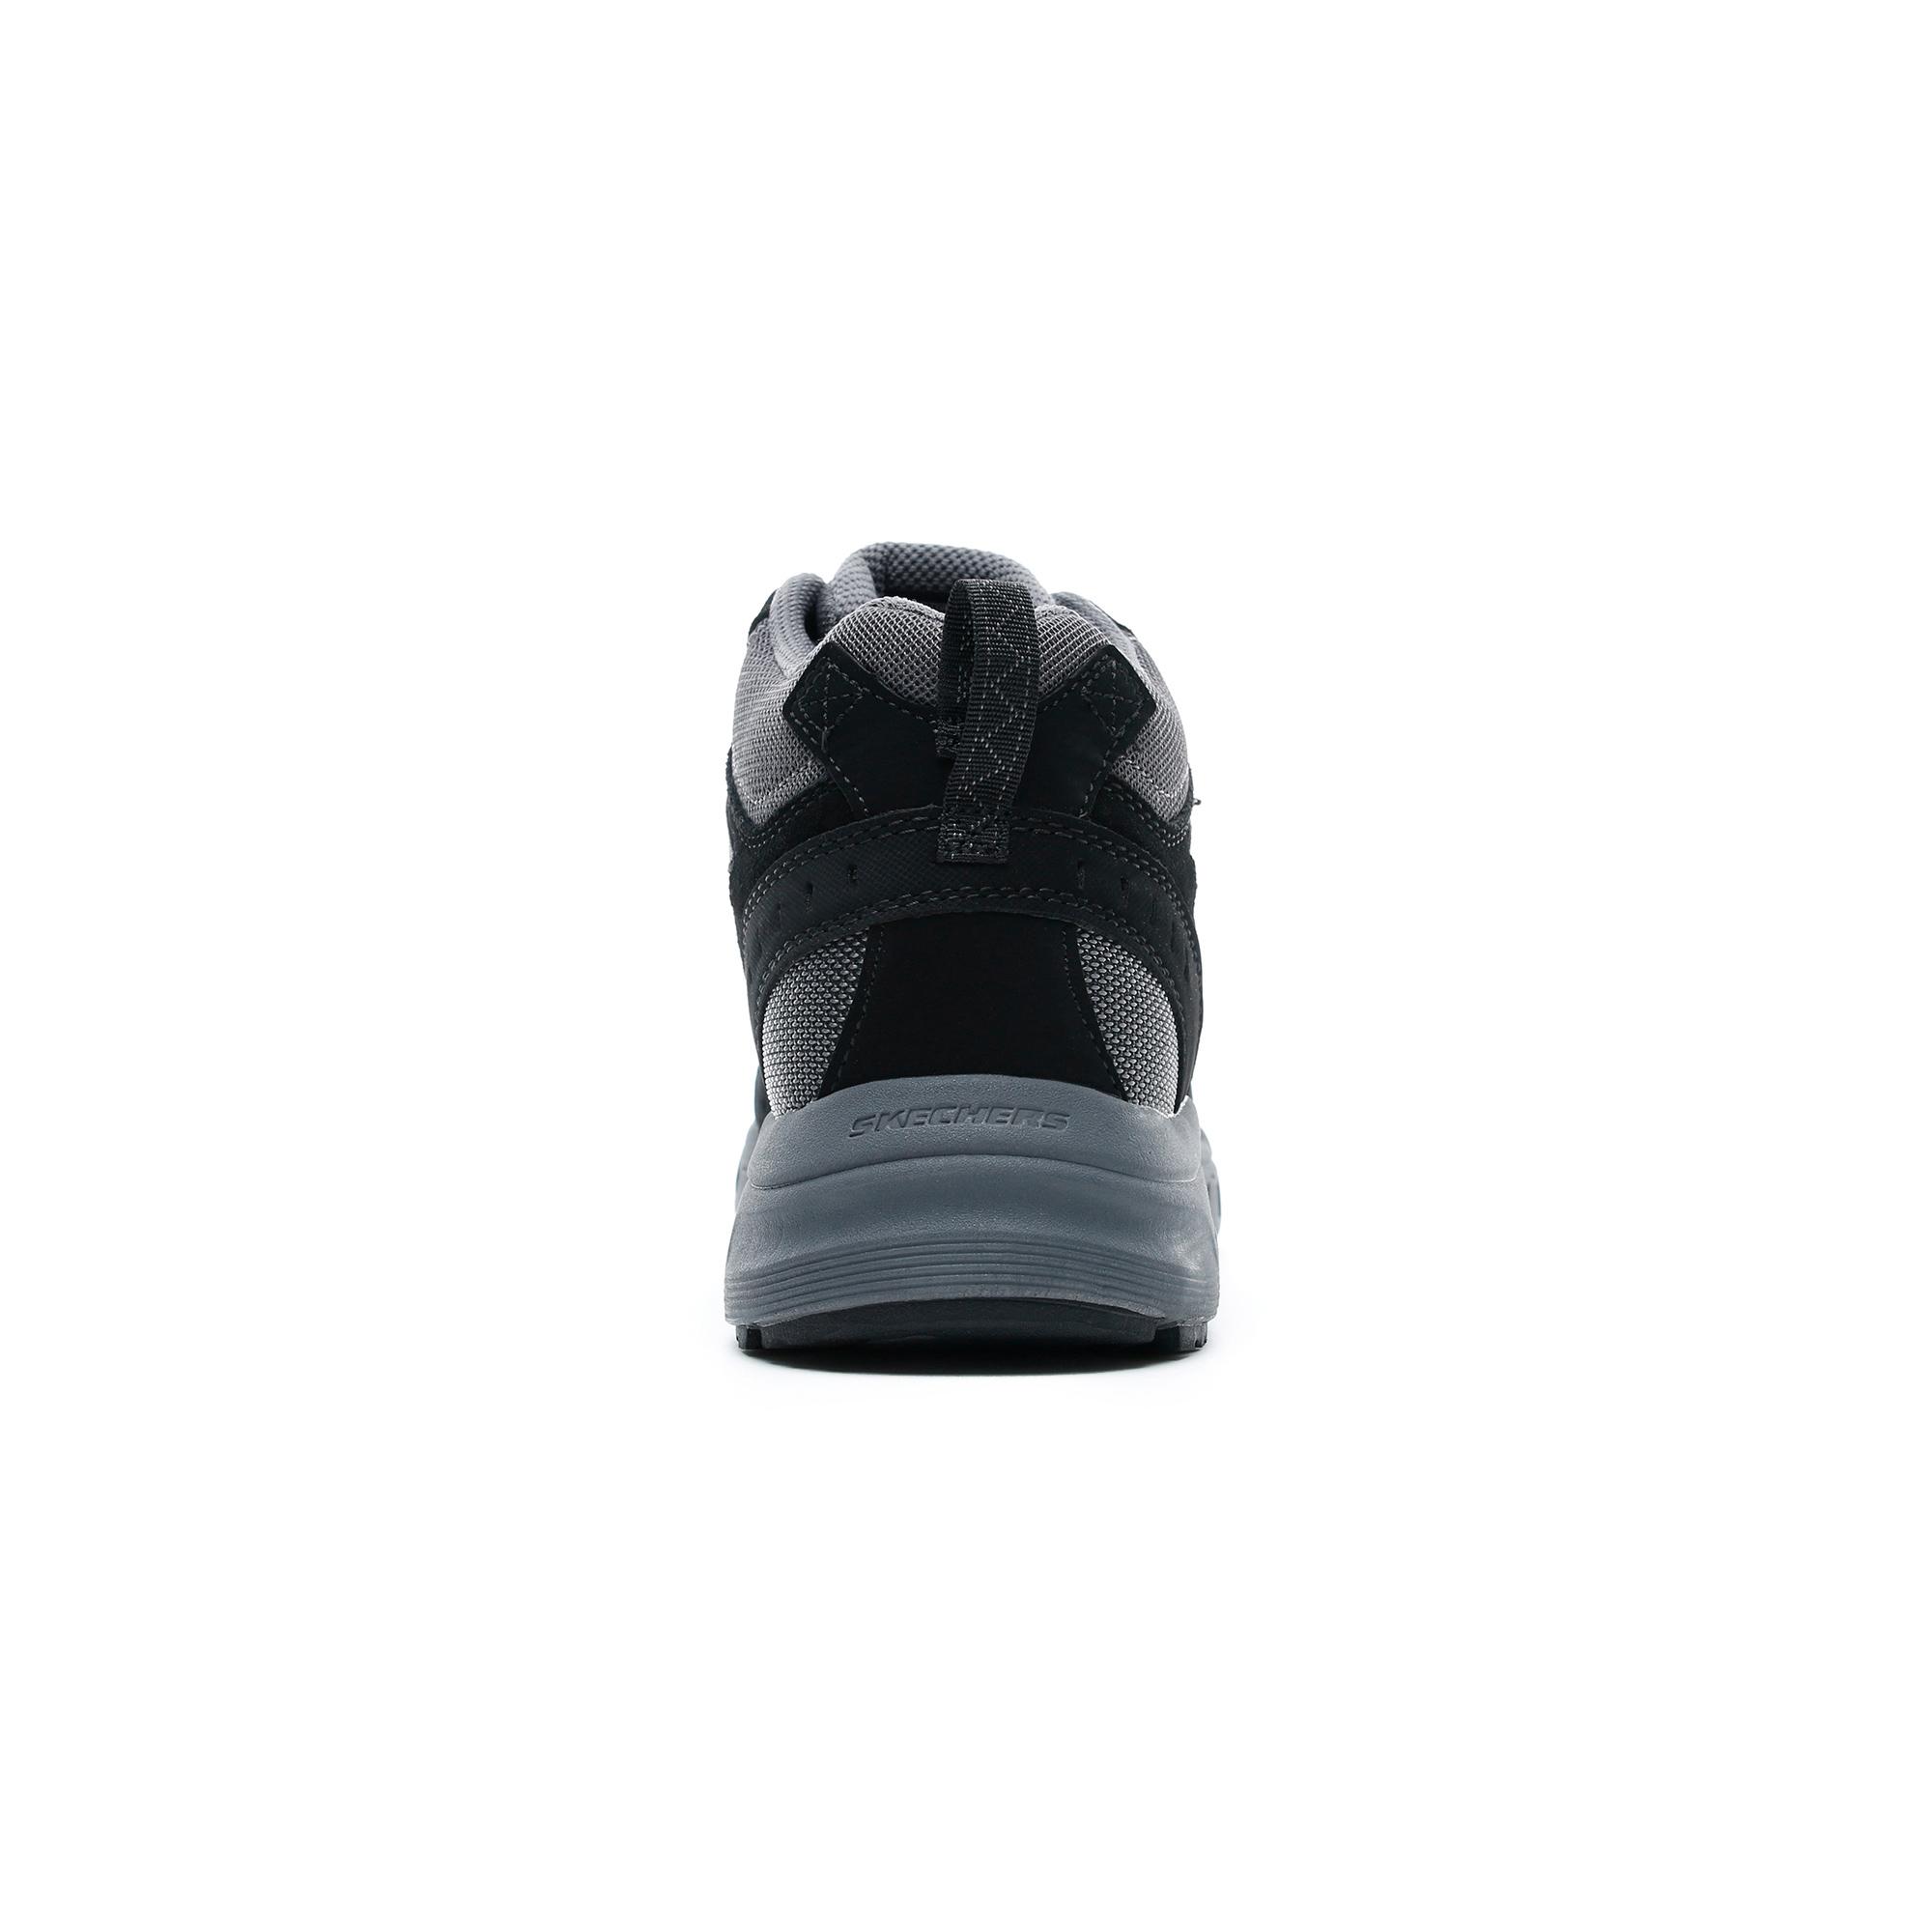 Skechers Oak Canyon Siyah Erkek Spor Ayakkabı